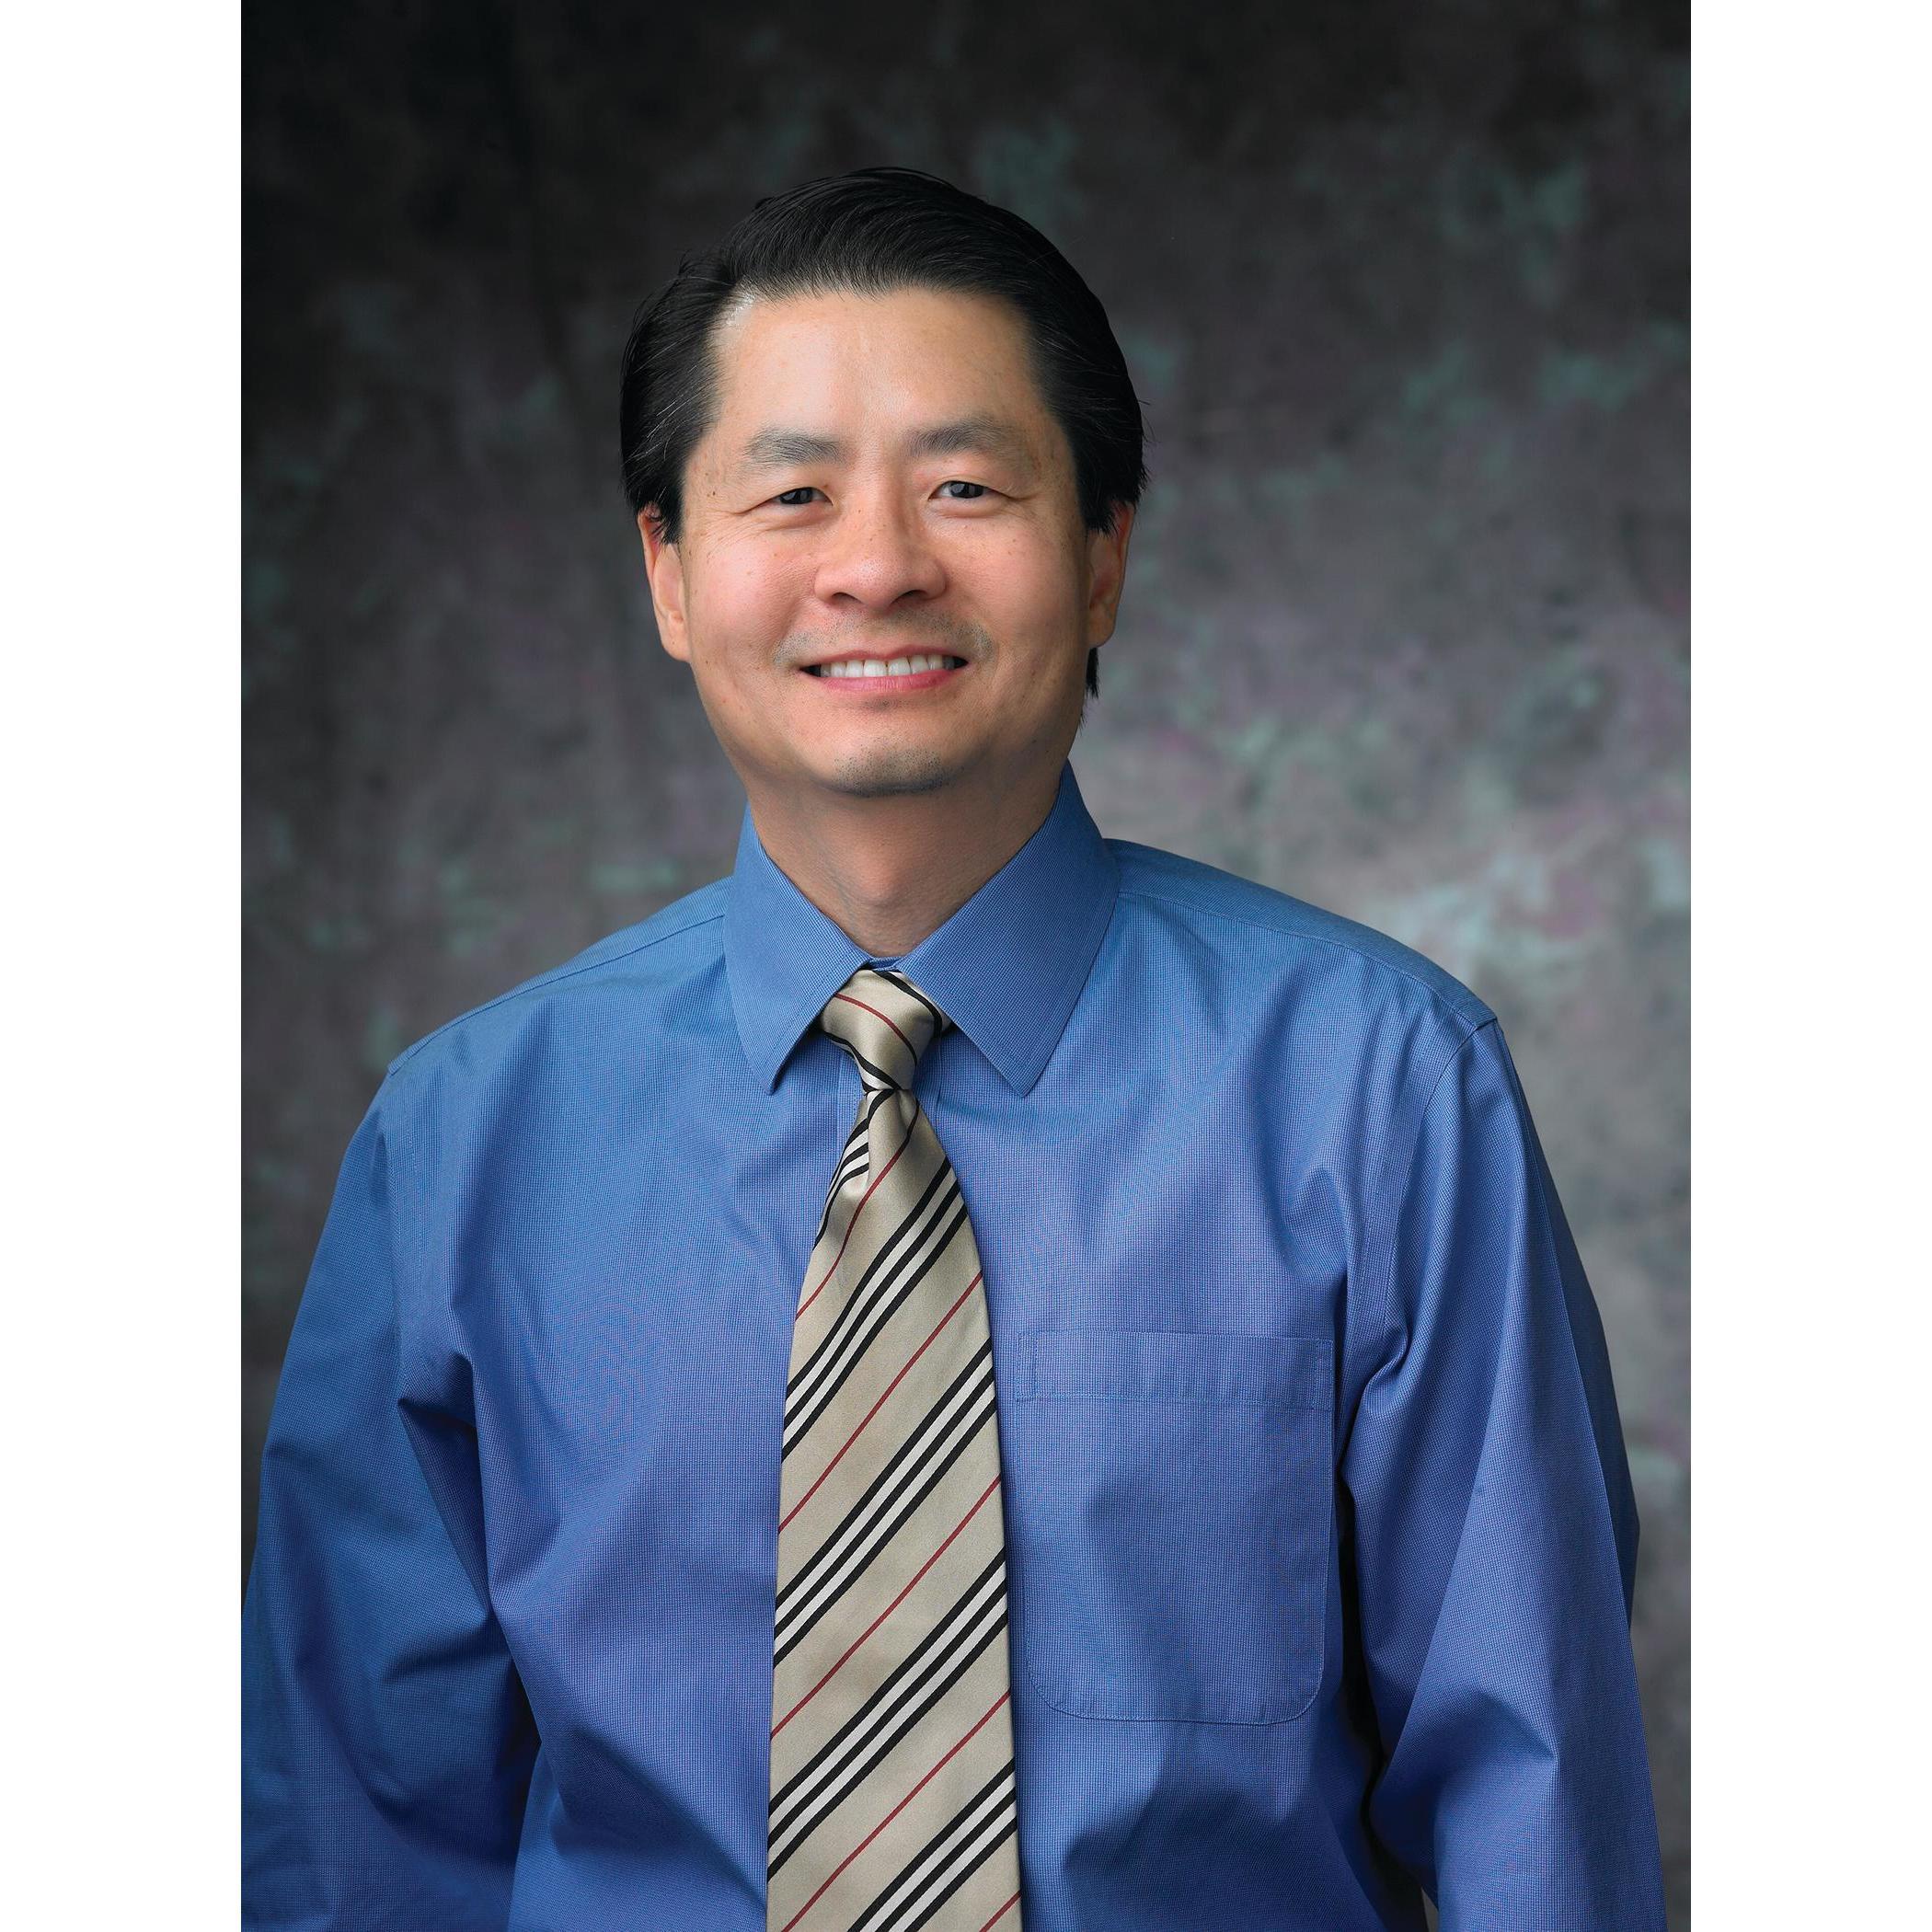 Alvin Wong